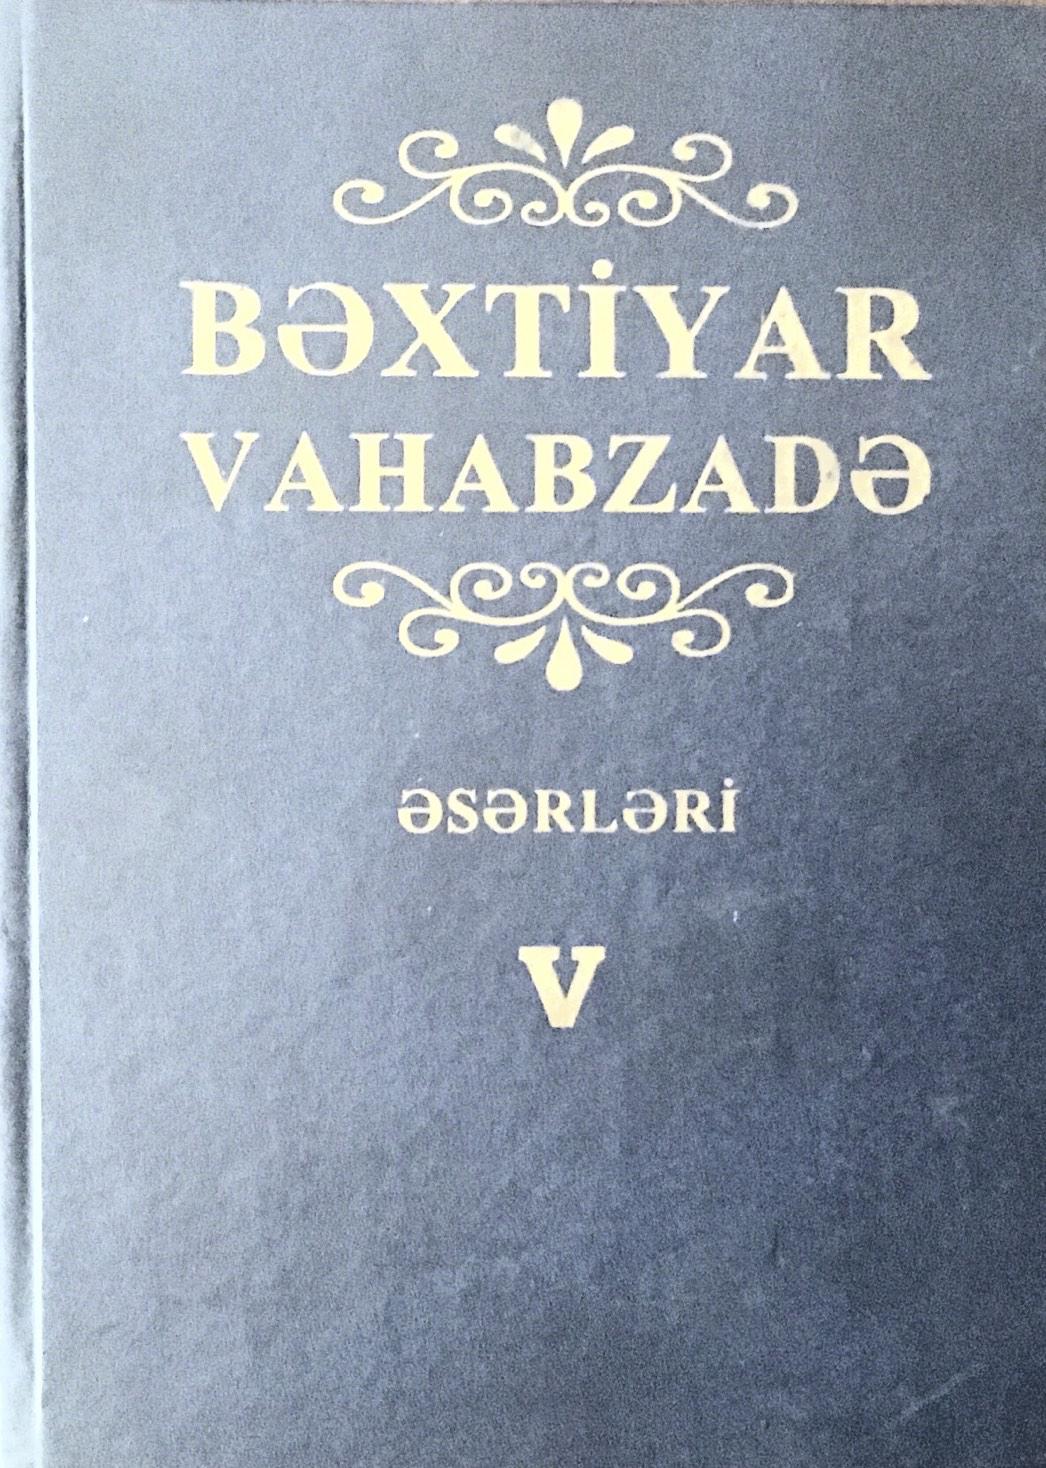 BƏXTİYAR VAHABZADƏ. ƏSƏRLƏRİ. 12 CİLDDƏ /TƏRT., ÖN SÖZ MÜƏL. VƏ RED. RAMAZAN QAFARLI/. 5-ci cild (1980- 1989)